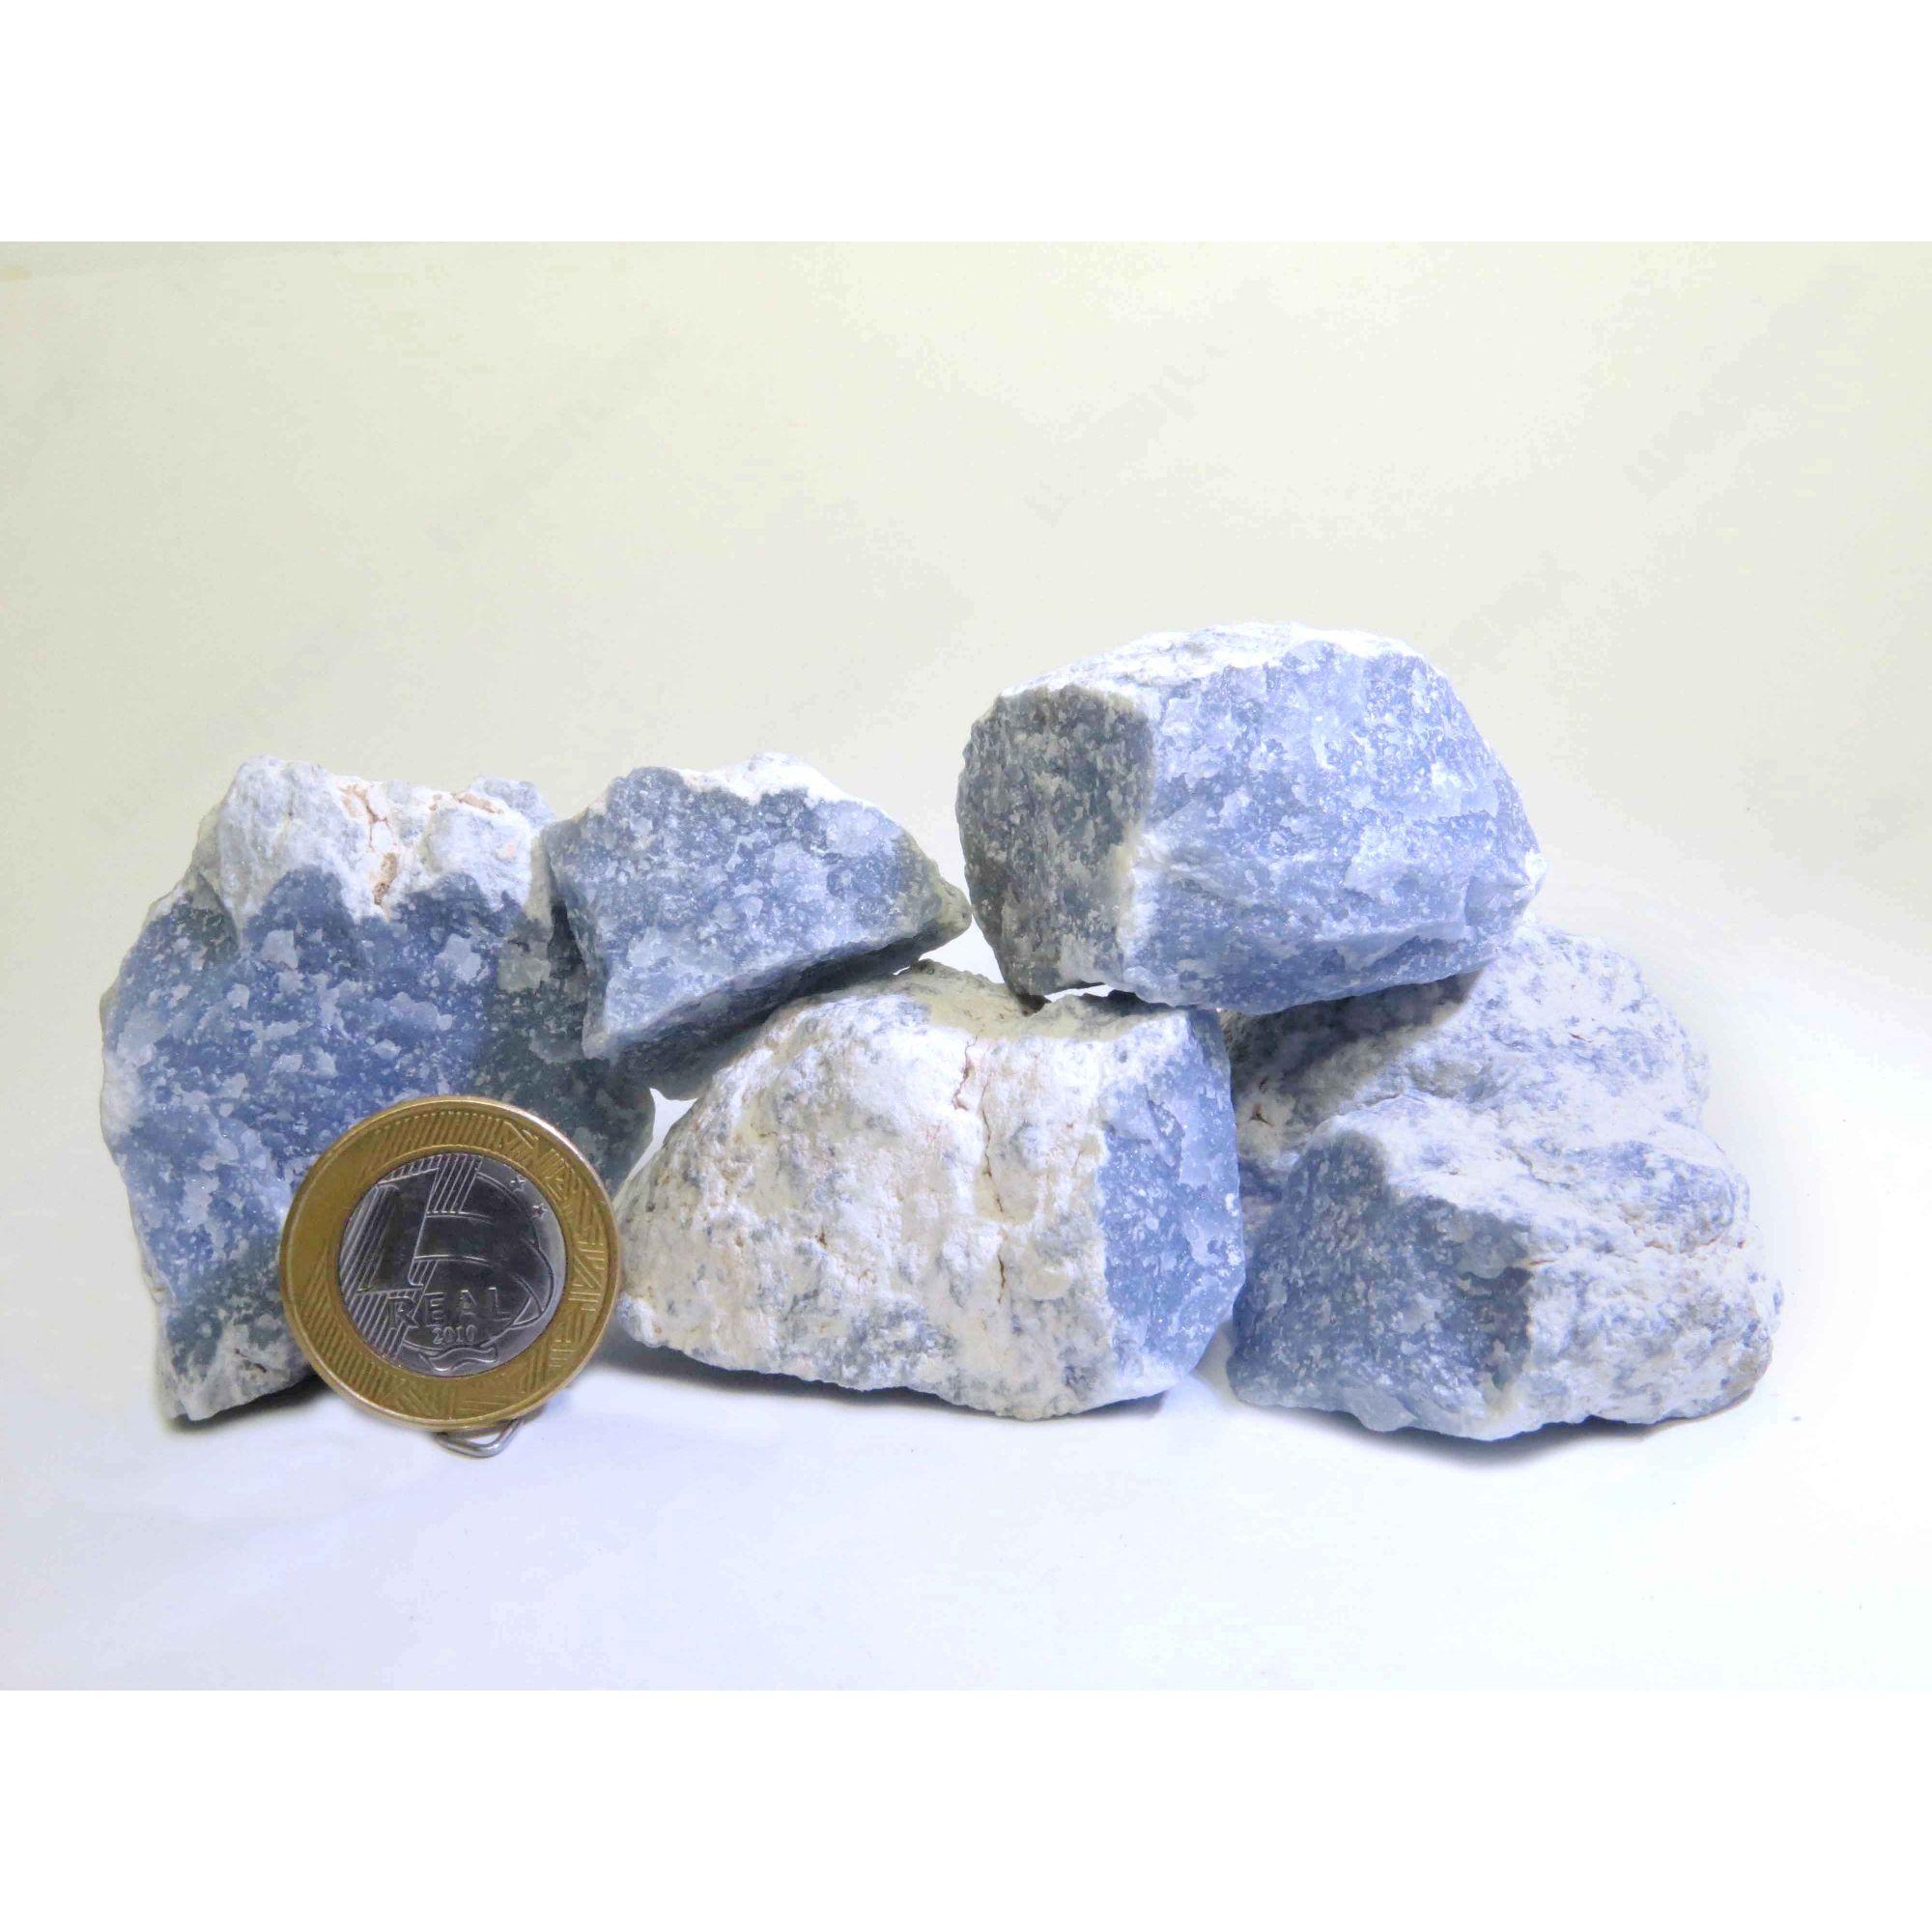 Angelita - Bruto   Pacote com 2 Unidades